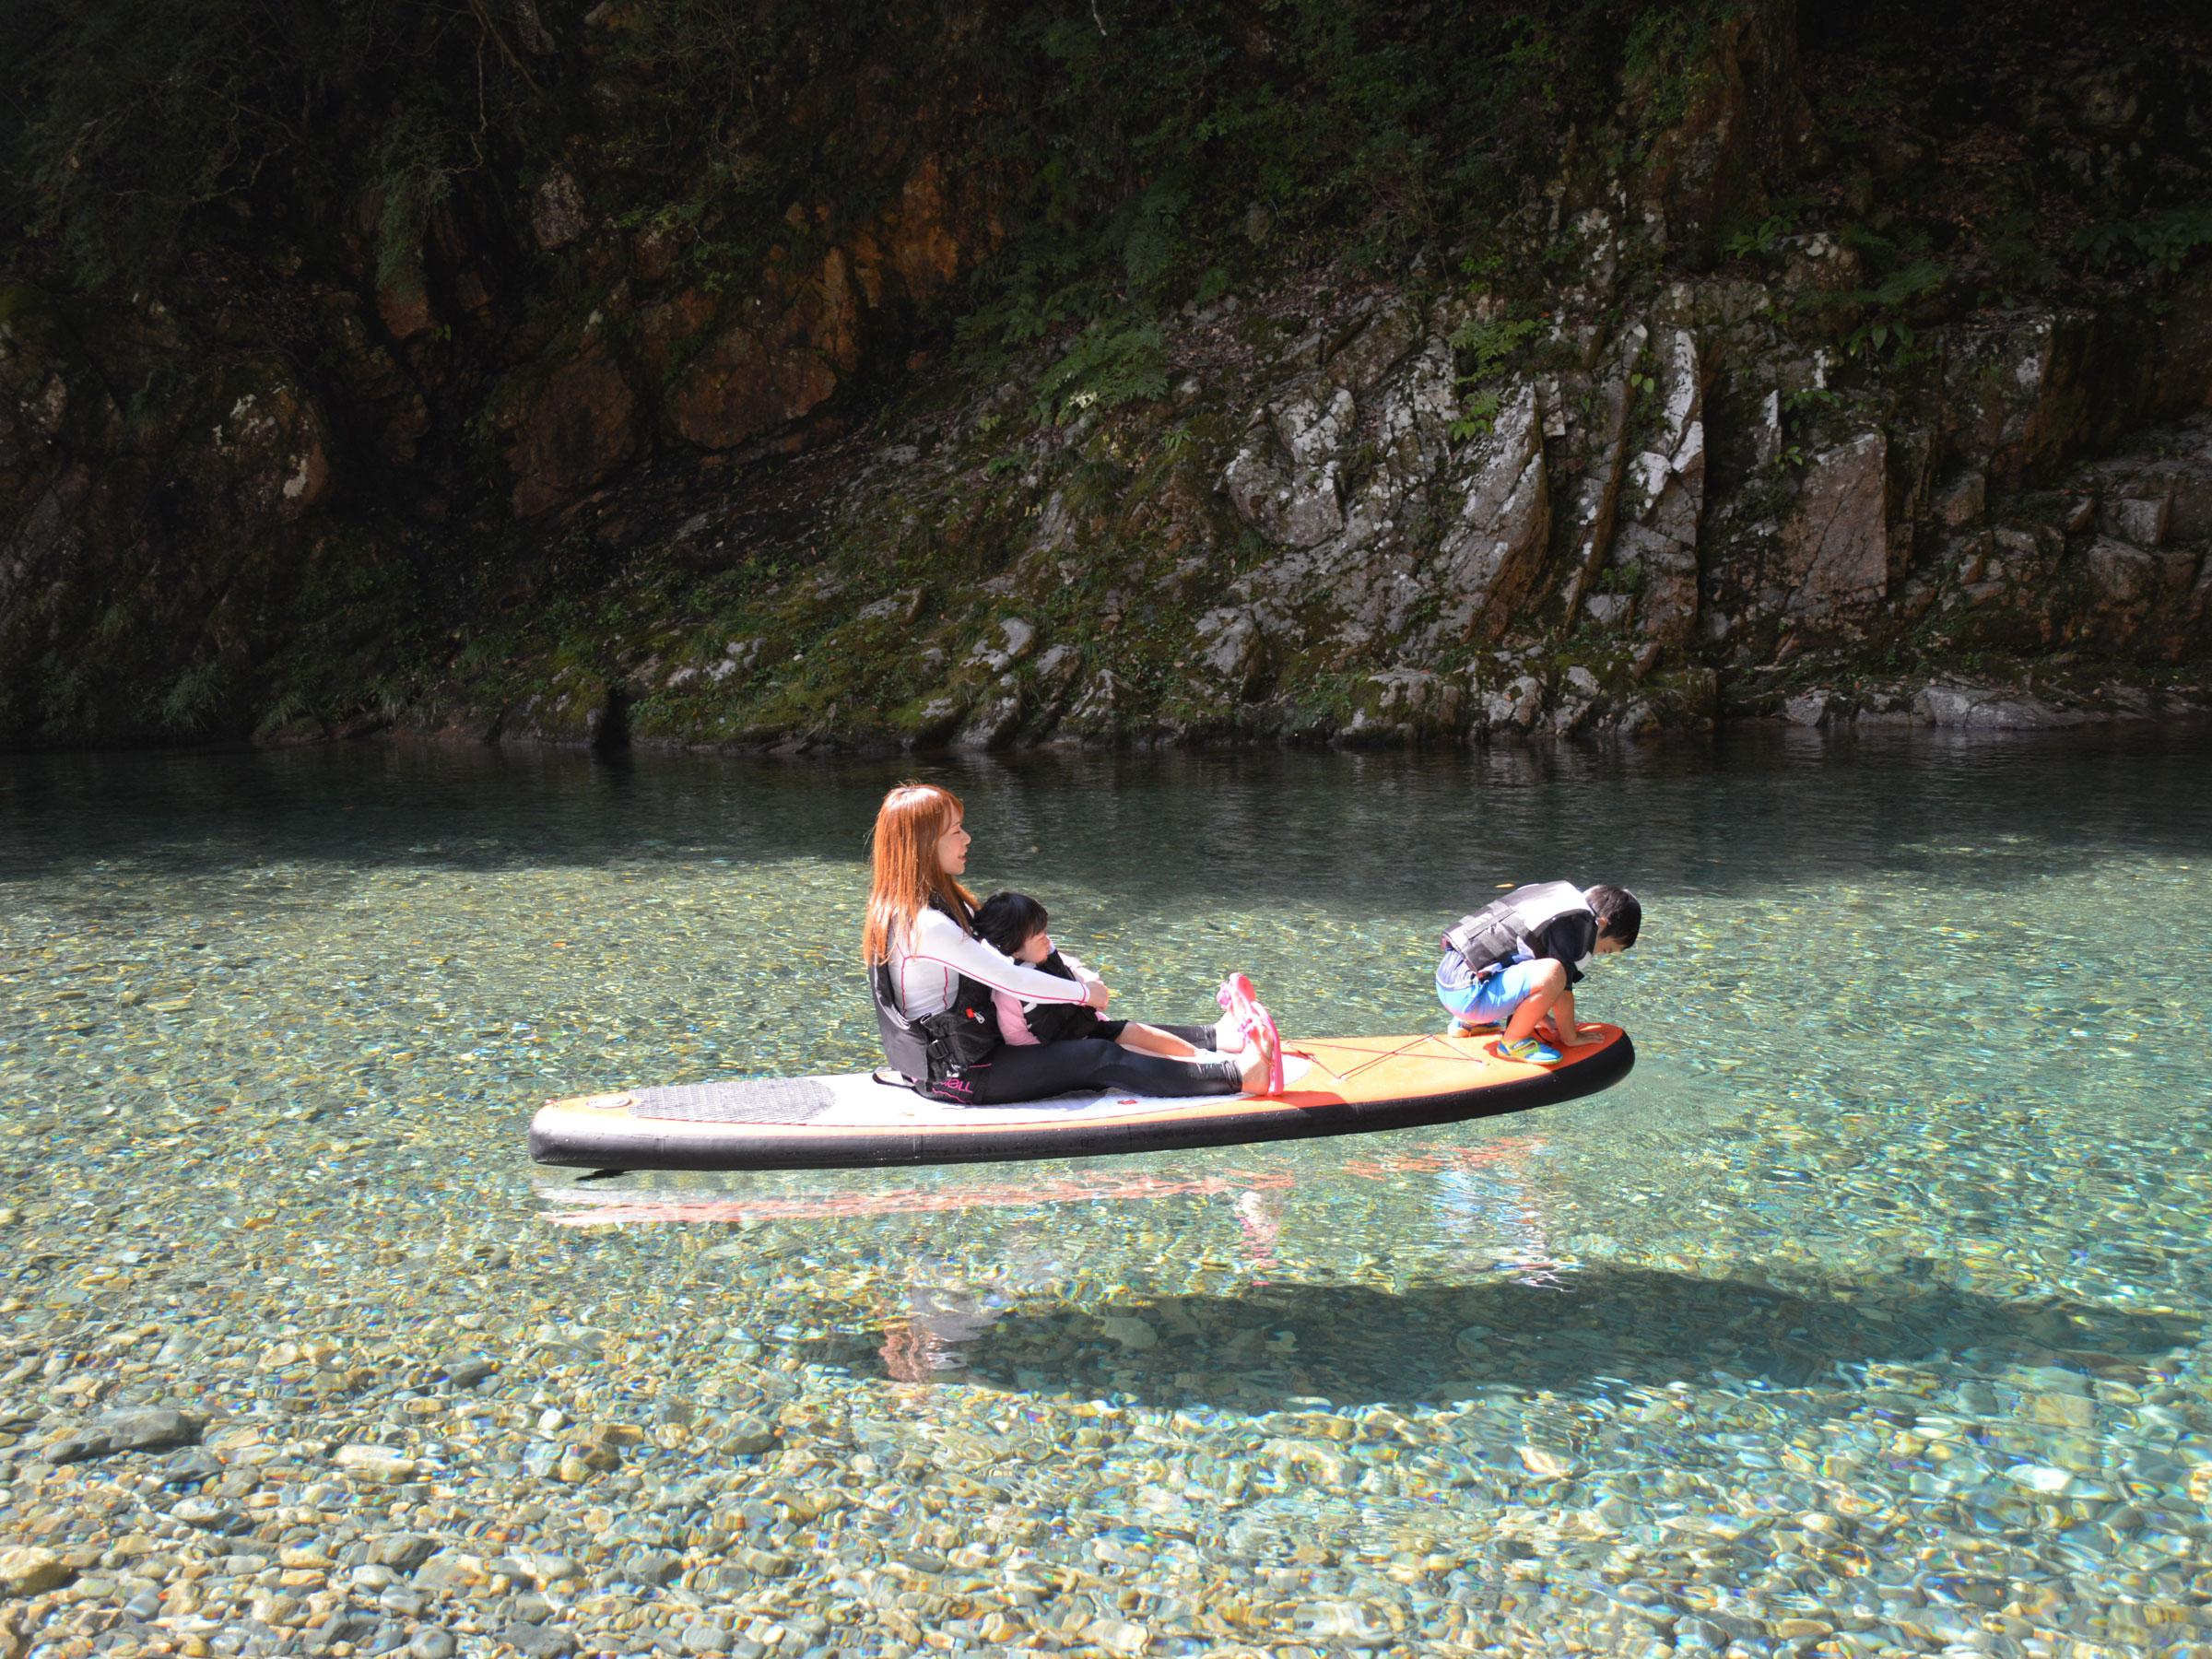 【岐阜県】夏の絶景・風物詩5選 ボートが宙に浮いて見えるほど透明な川